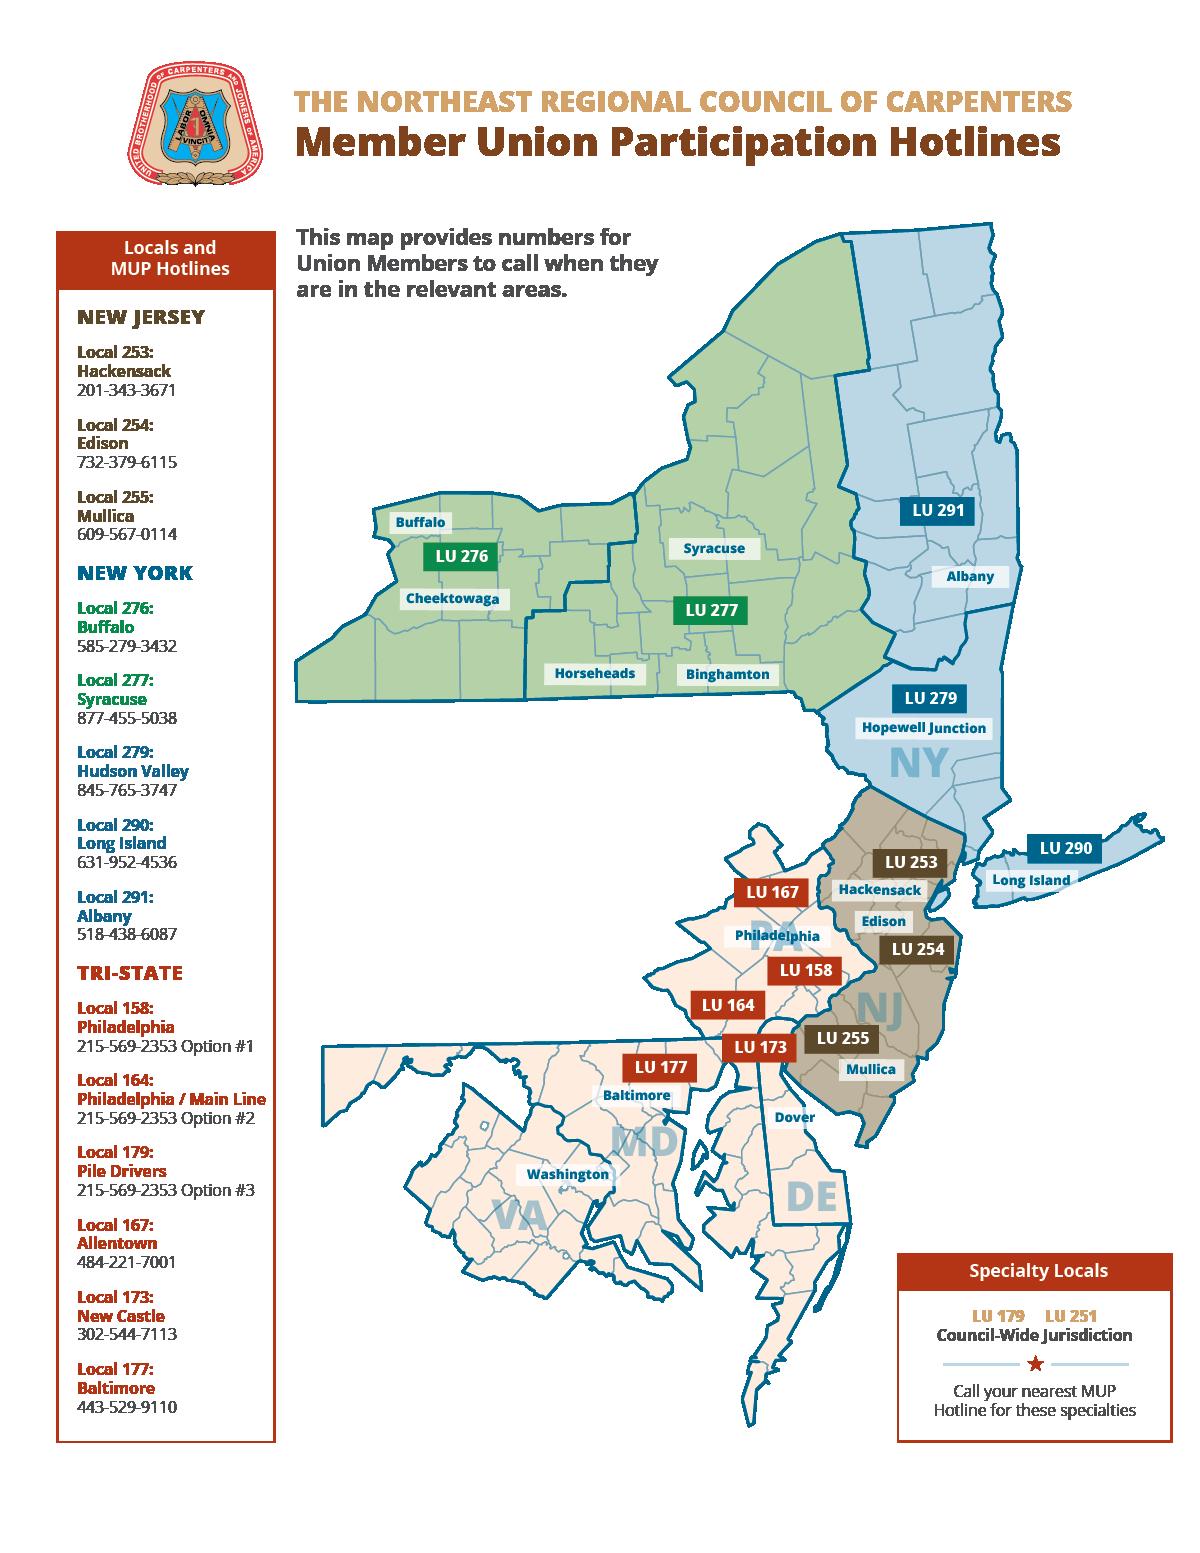 NRCC-MUP-map-v7.png